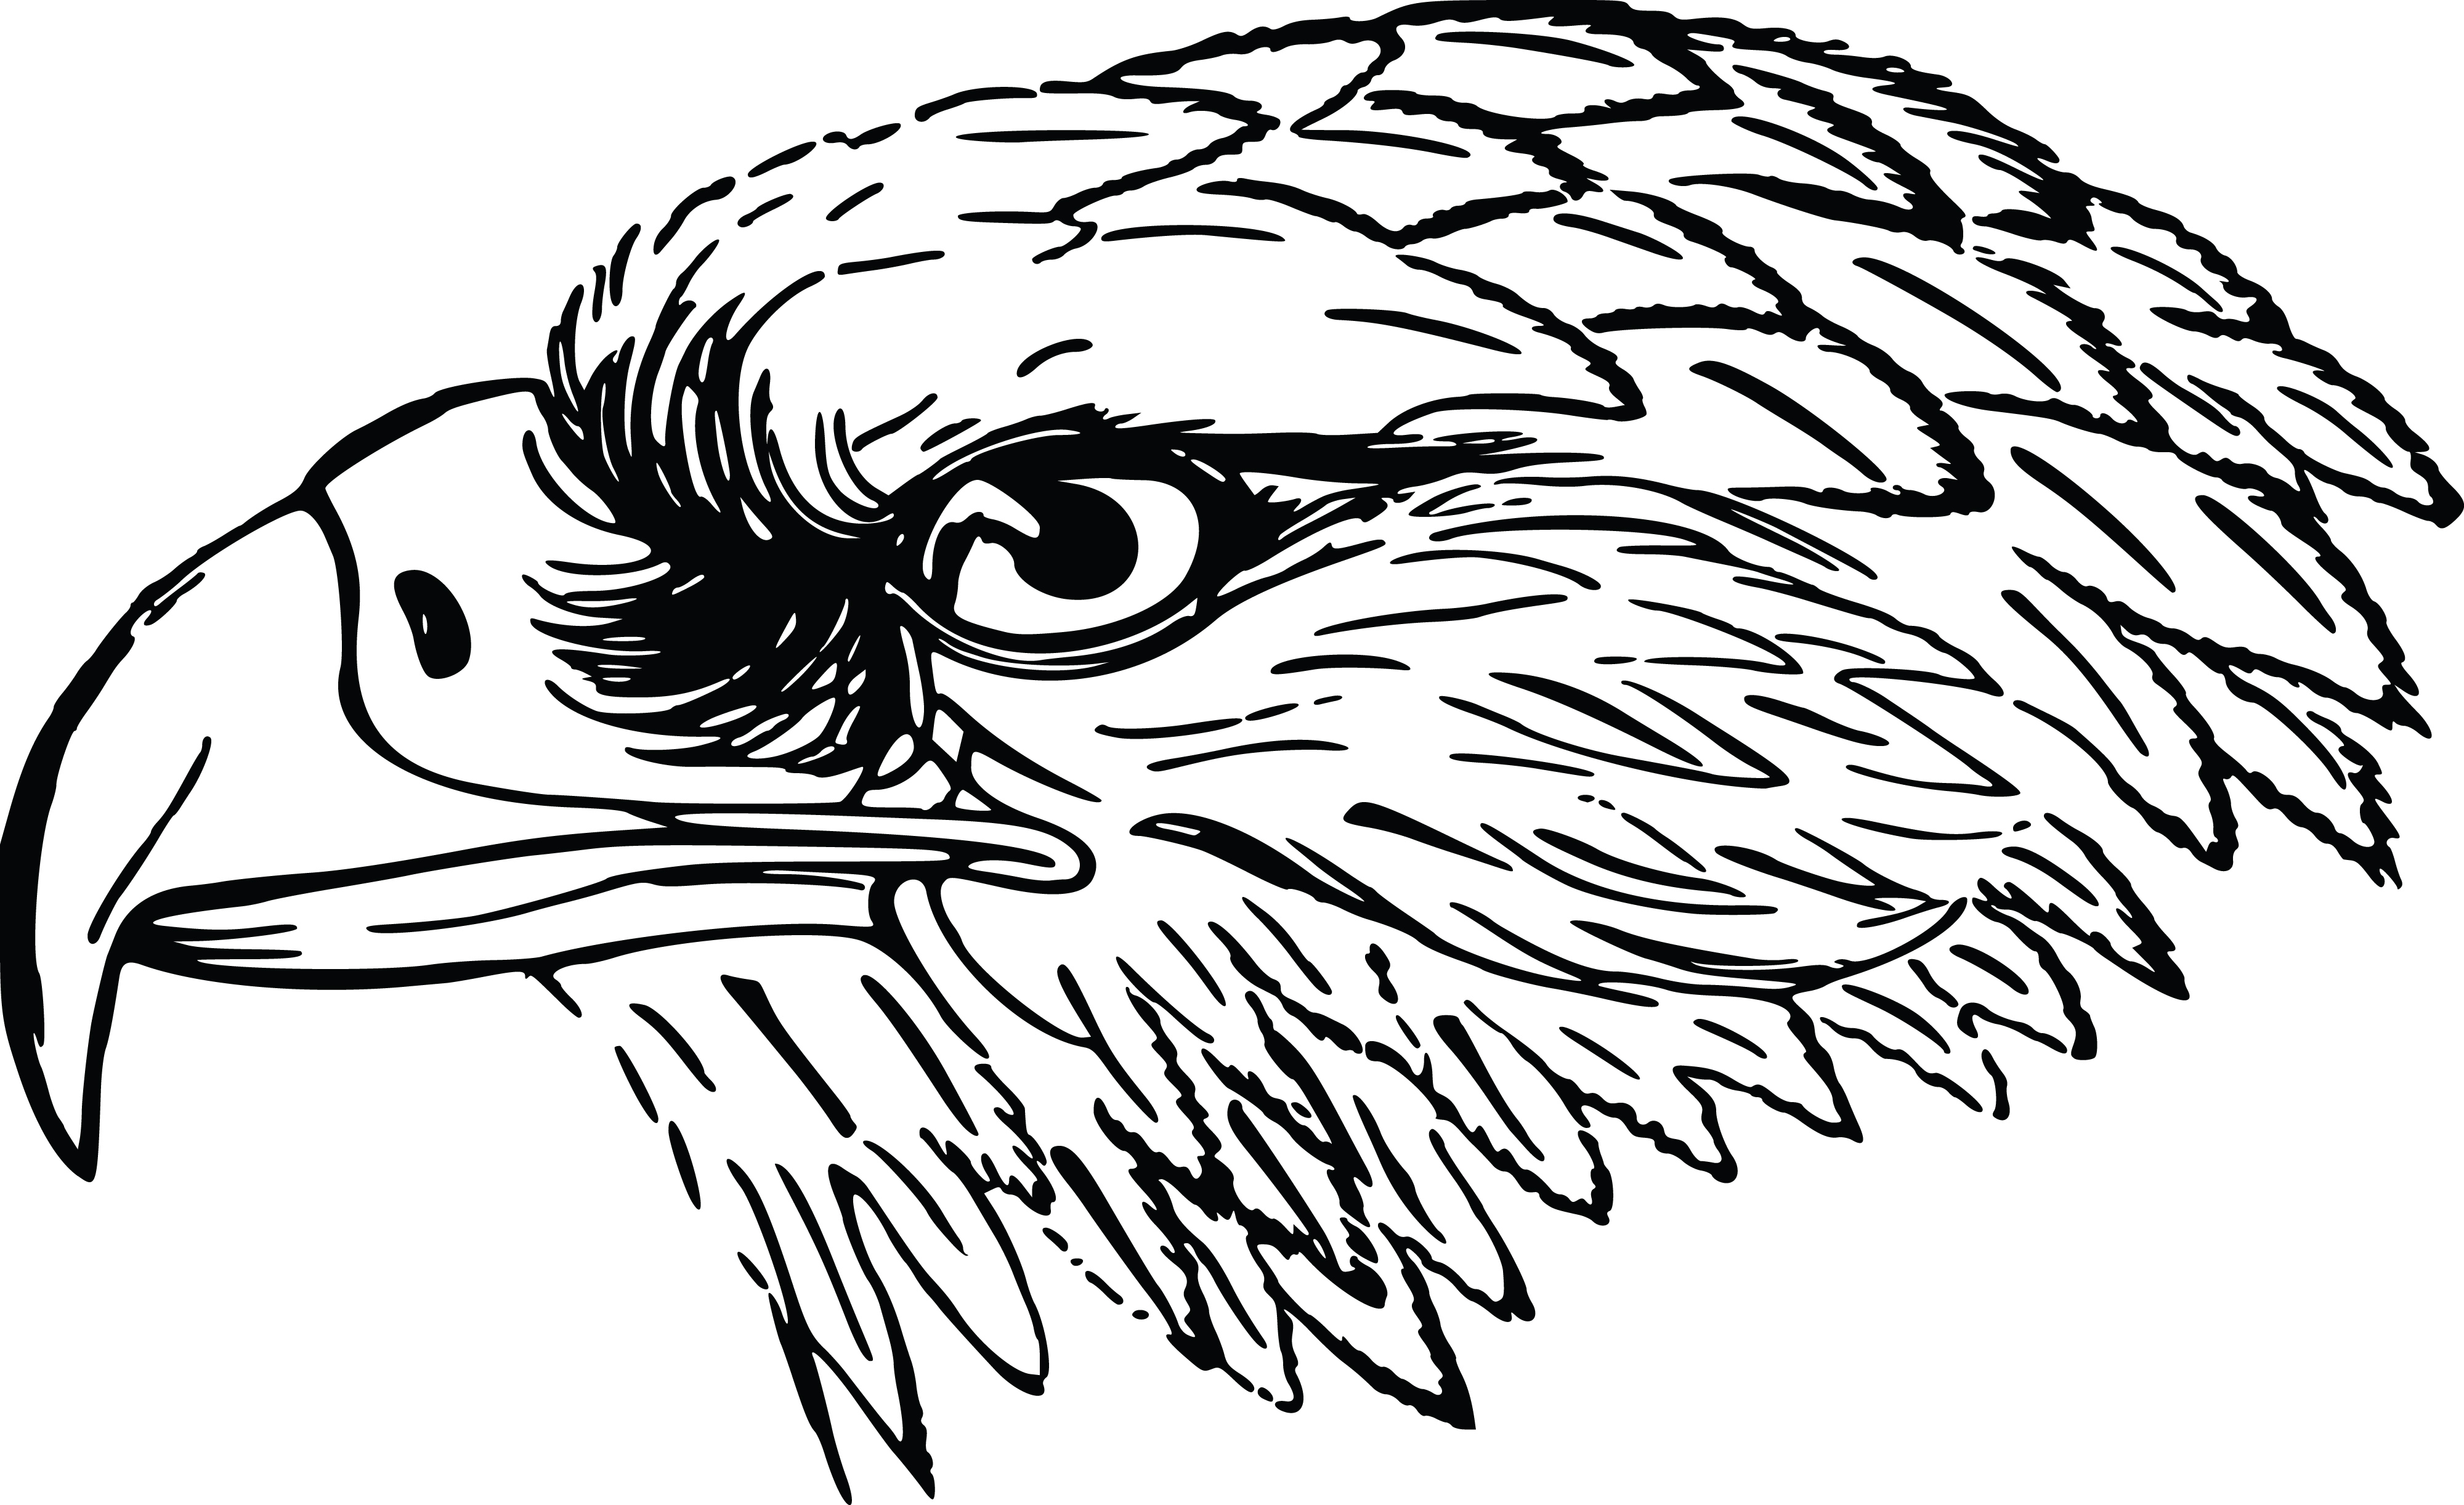 Falcon clipart eagle. Eagles pencil and in